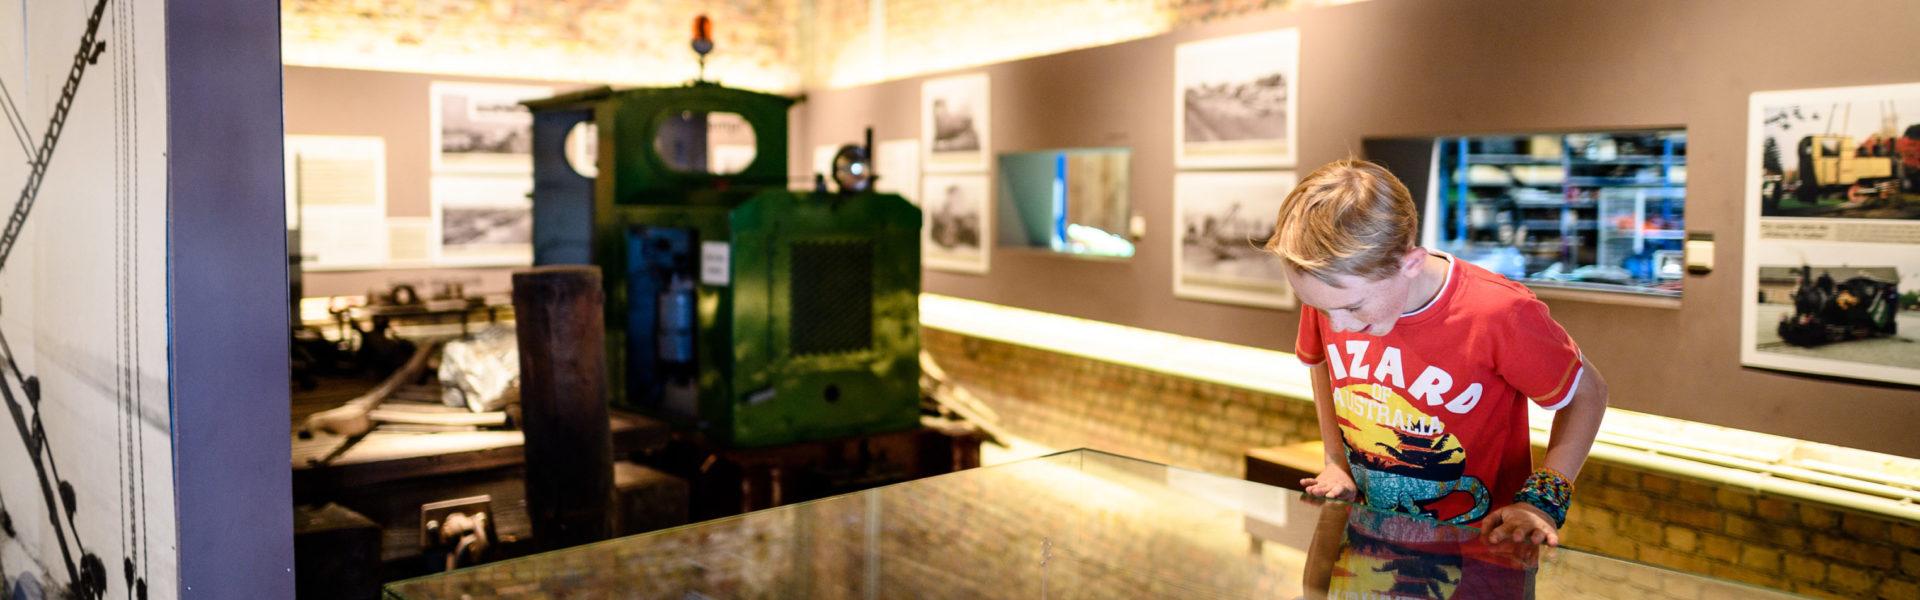 Ausstellung in der Lok-Remise (c) Matthias Rhomberg / Rhein-Schauen